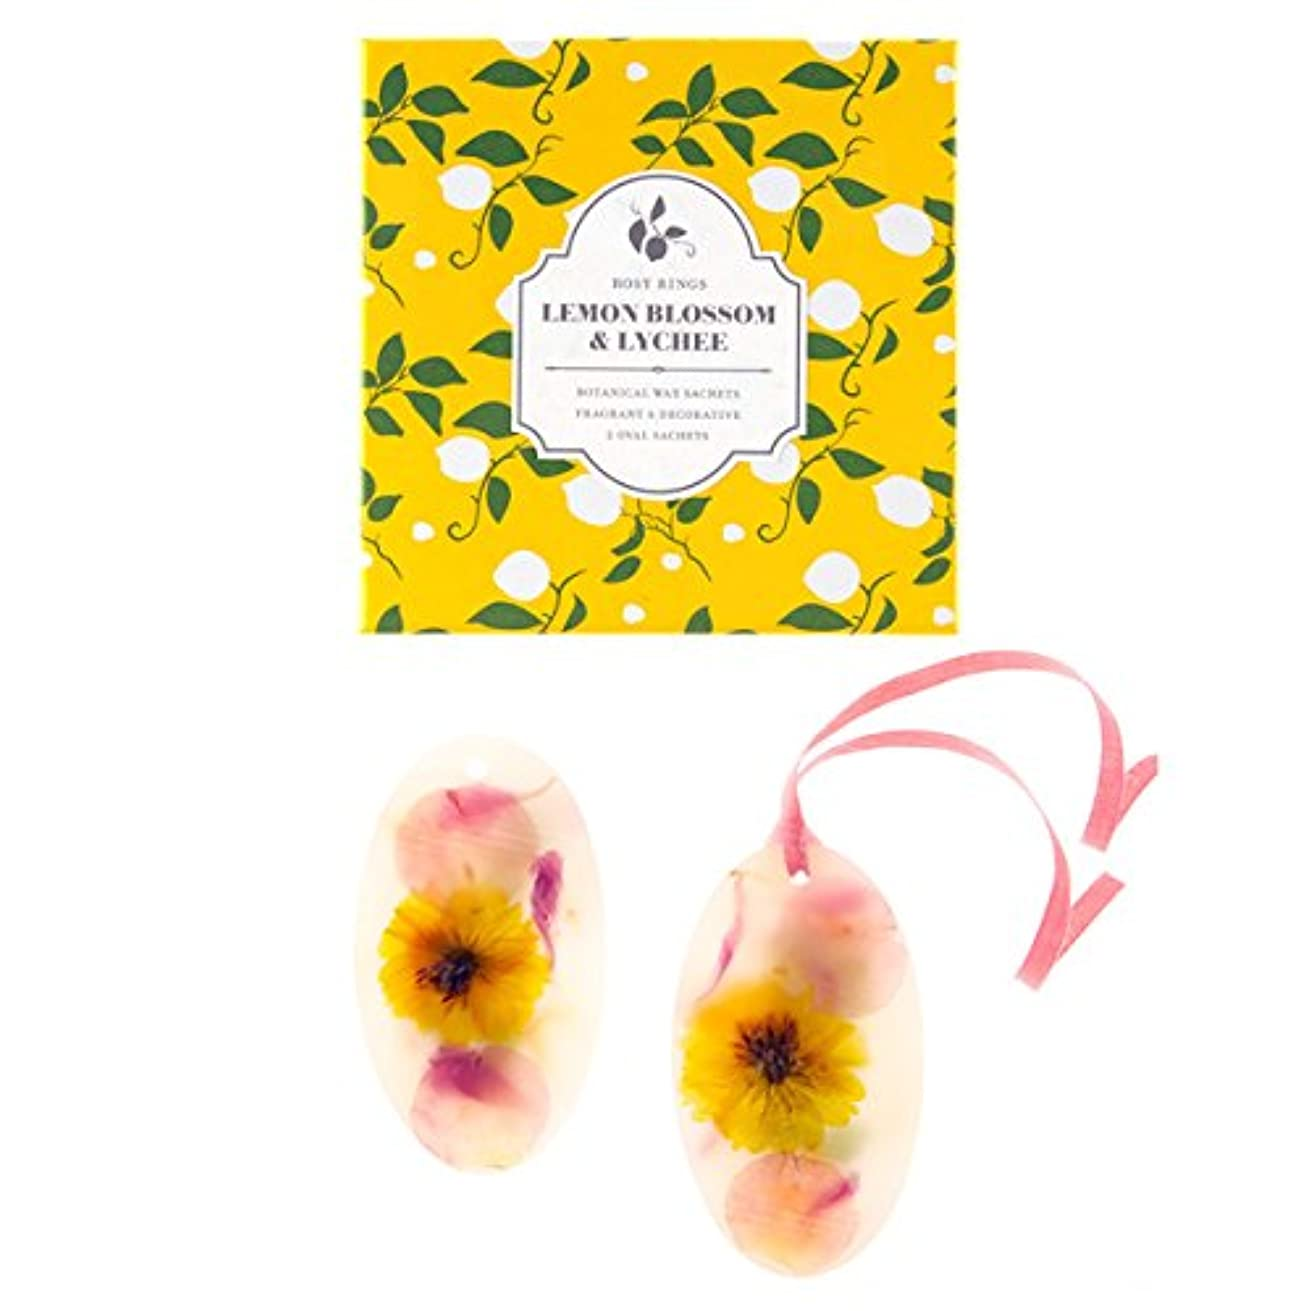 経験終点転倒ロージーリングス ボタニカルワックスサシェ オーバル レモンブロッサム&ライチ ROSY RINGS Signature Collection Botanical Wax Sachets – Lemon Blossom & Lychee